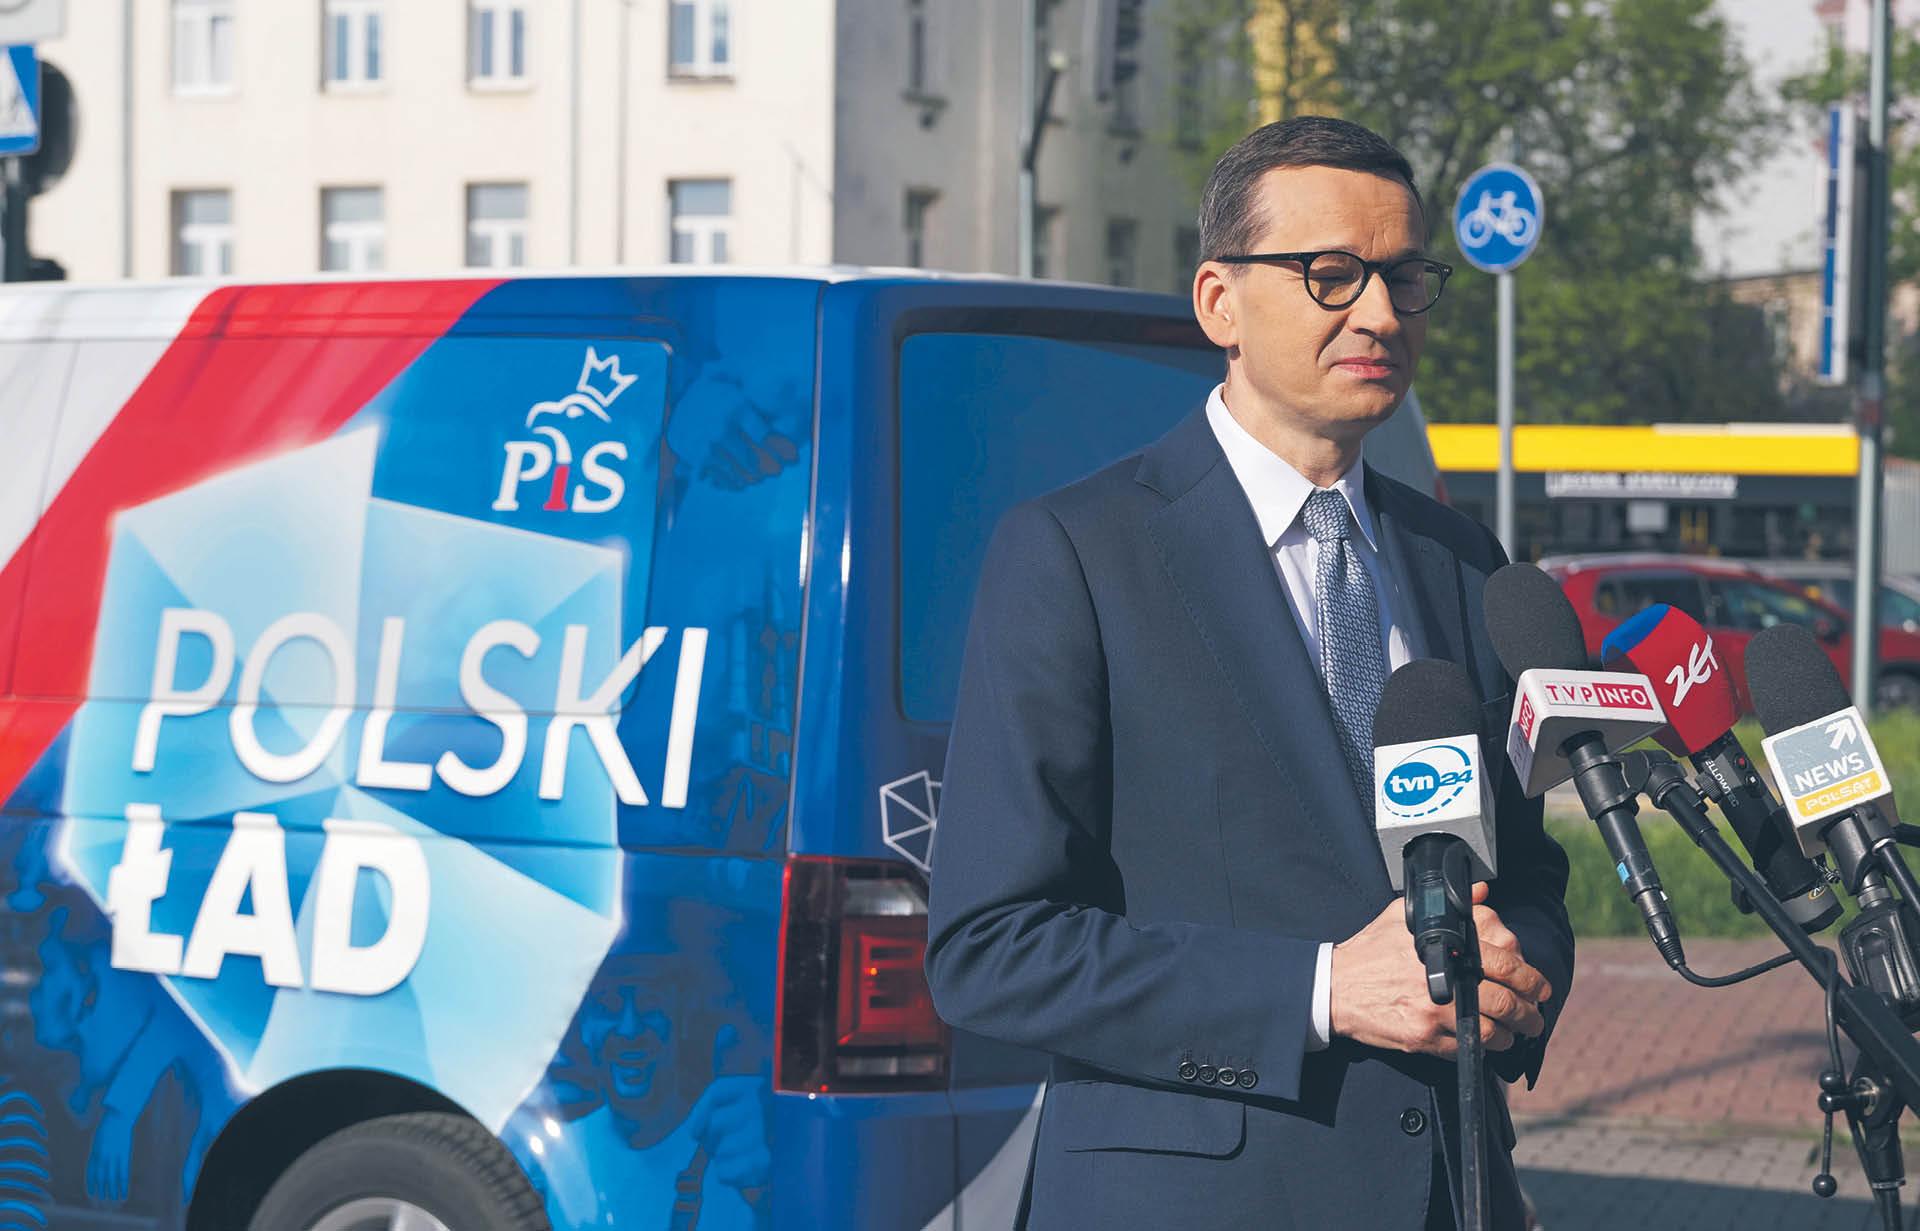 Polski Ład. Ulga dla pracujących emerytów